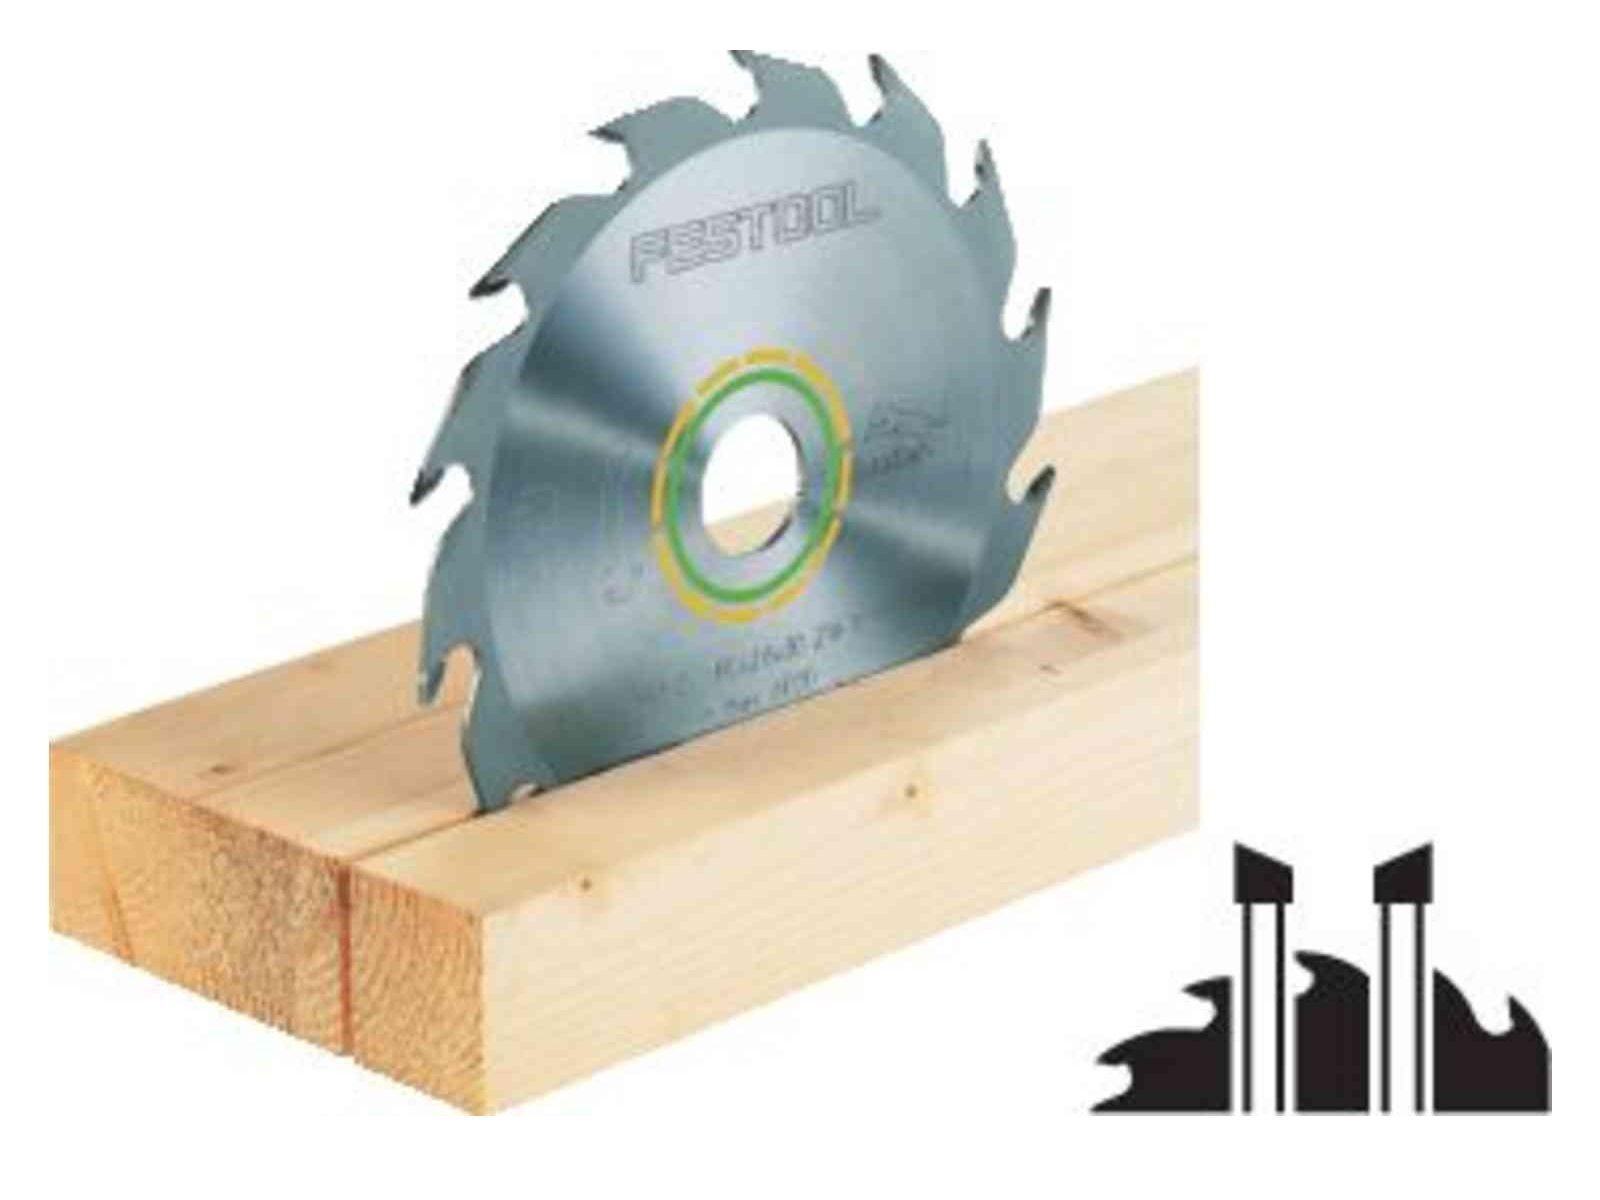 Pilový kotouč na dřevo pro pilu Festool TKS 80 (Festool Panther 254x2,4x30 PW24) 254x30mm, 24 zubů, kód: 575974